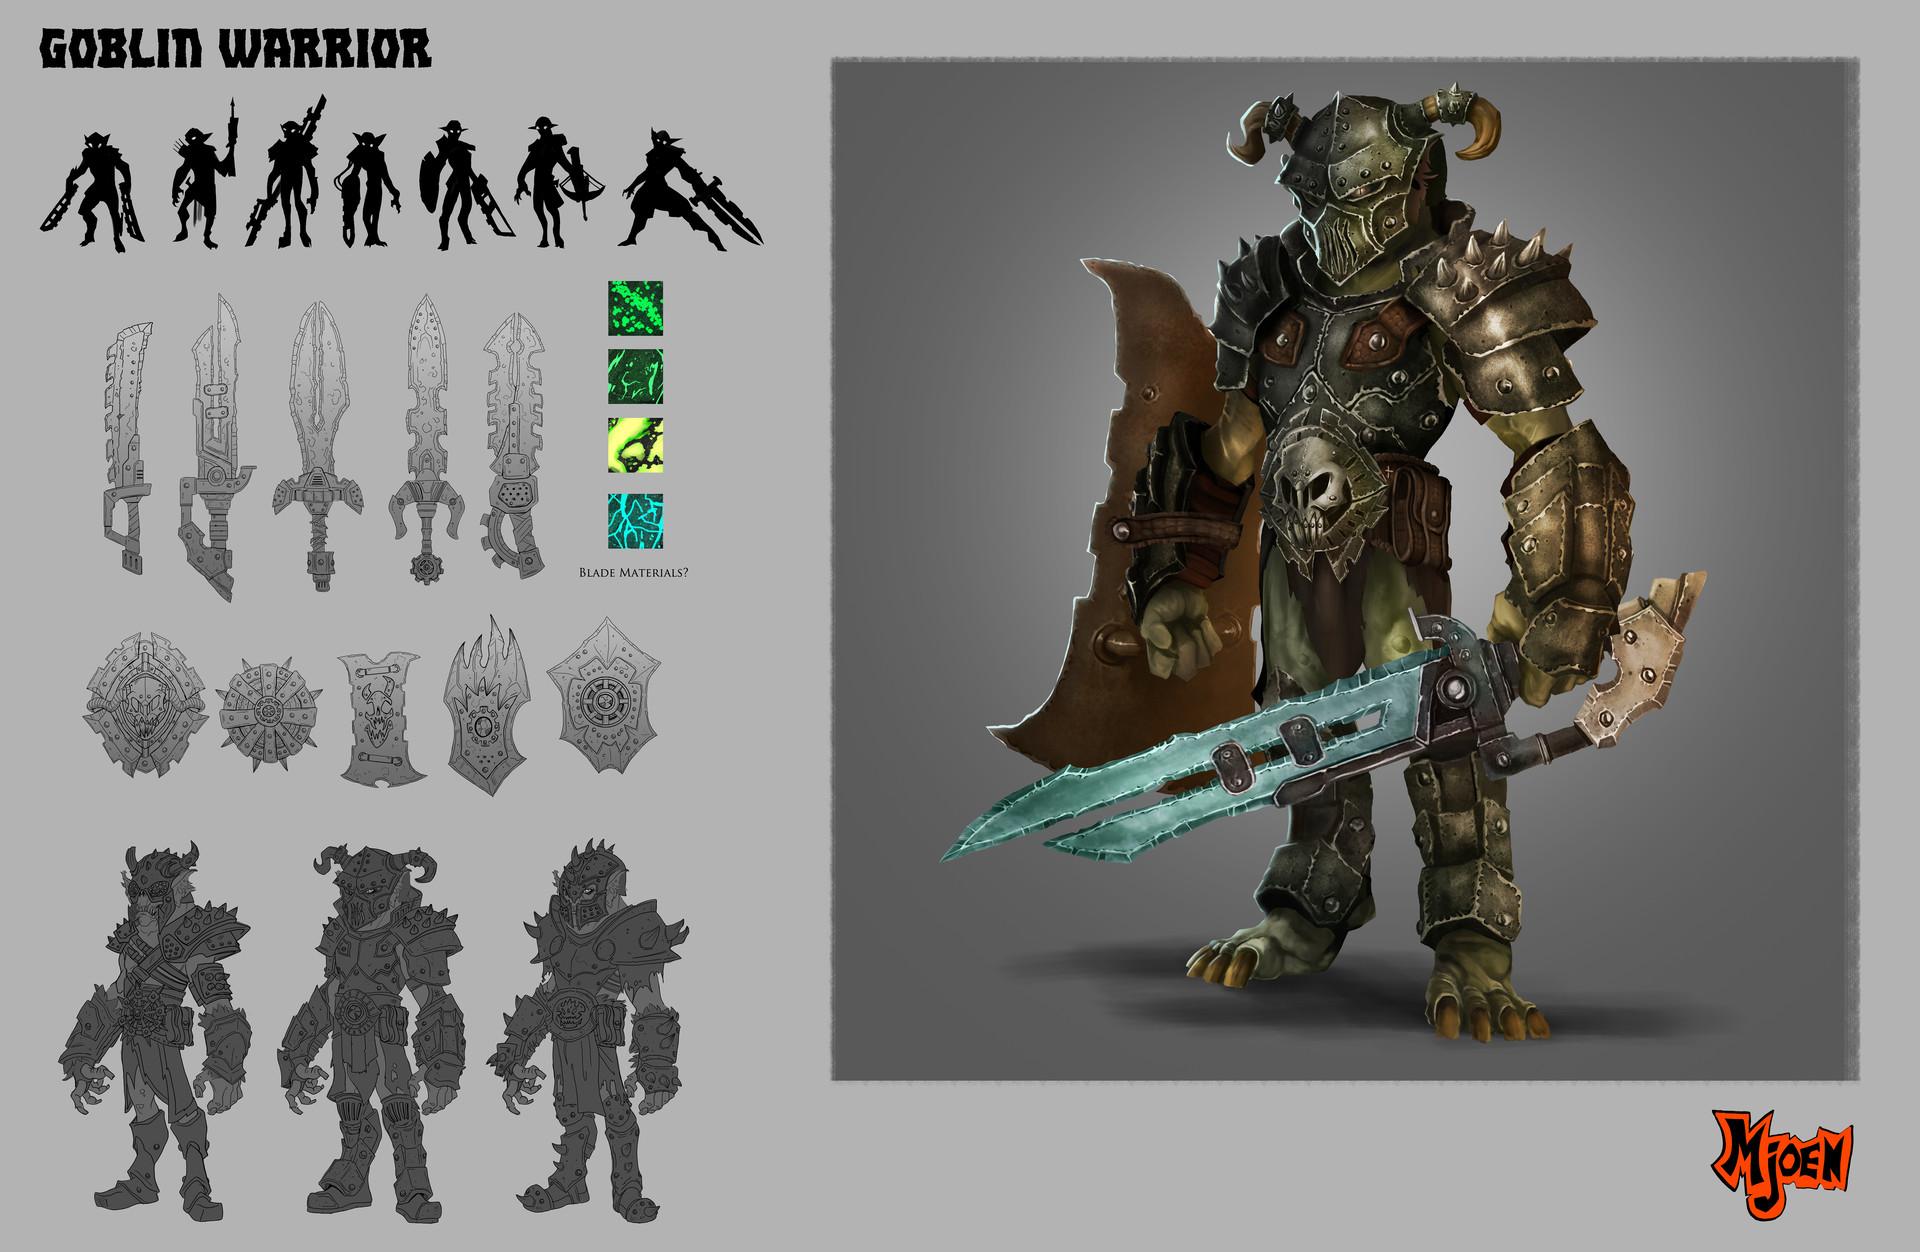 Kyle mjoen warrior goblin sheet